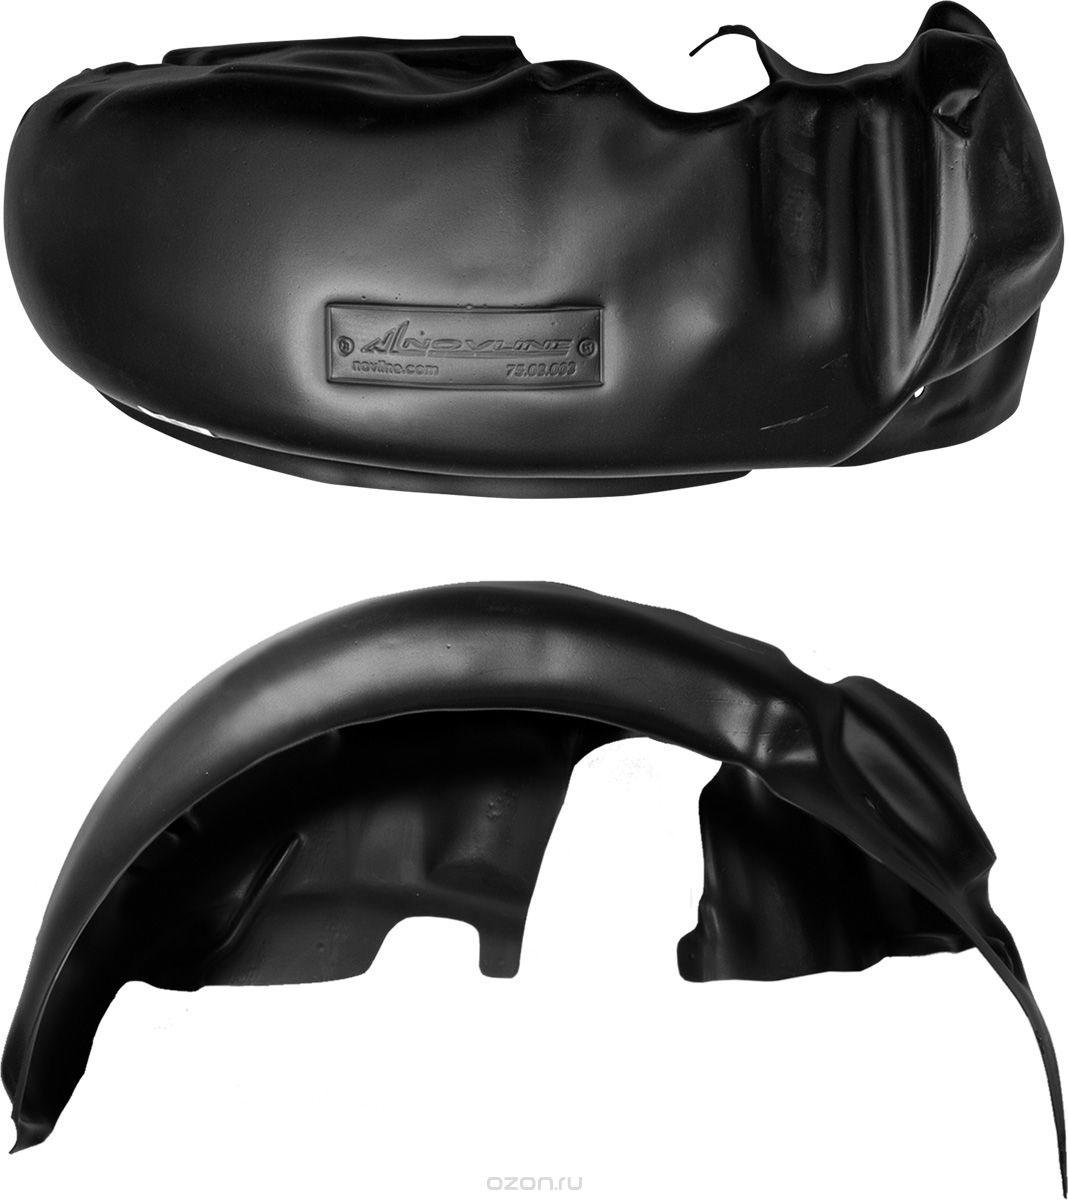 Подкрылок Novline-Autofamily, для HAFEI Simbo 2006->, передний левыйNLL.64.02.001Идеальная защита колесной ниши. Локеры разработаны с применением цифровых технологий, гарантируют максимальную повторяемость поверхности арки. Изделия устанавливаются без нарушения лакокрасочного покрытия автомобиля, каждый подкрылок комплектуется крепежом. Уважаемые клиенты, обращаем ваше внимание, что фотографии на подкрылки универсальные и не отражают реальную форму изделия. При этом само изделие идет точно под размер указанного автомобиля.